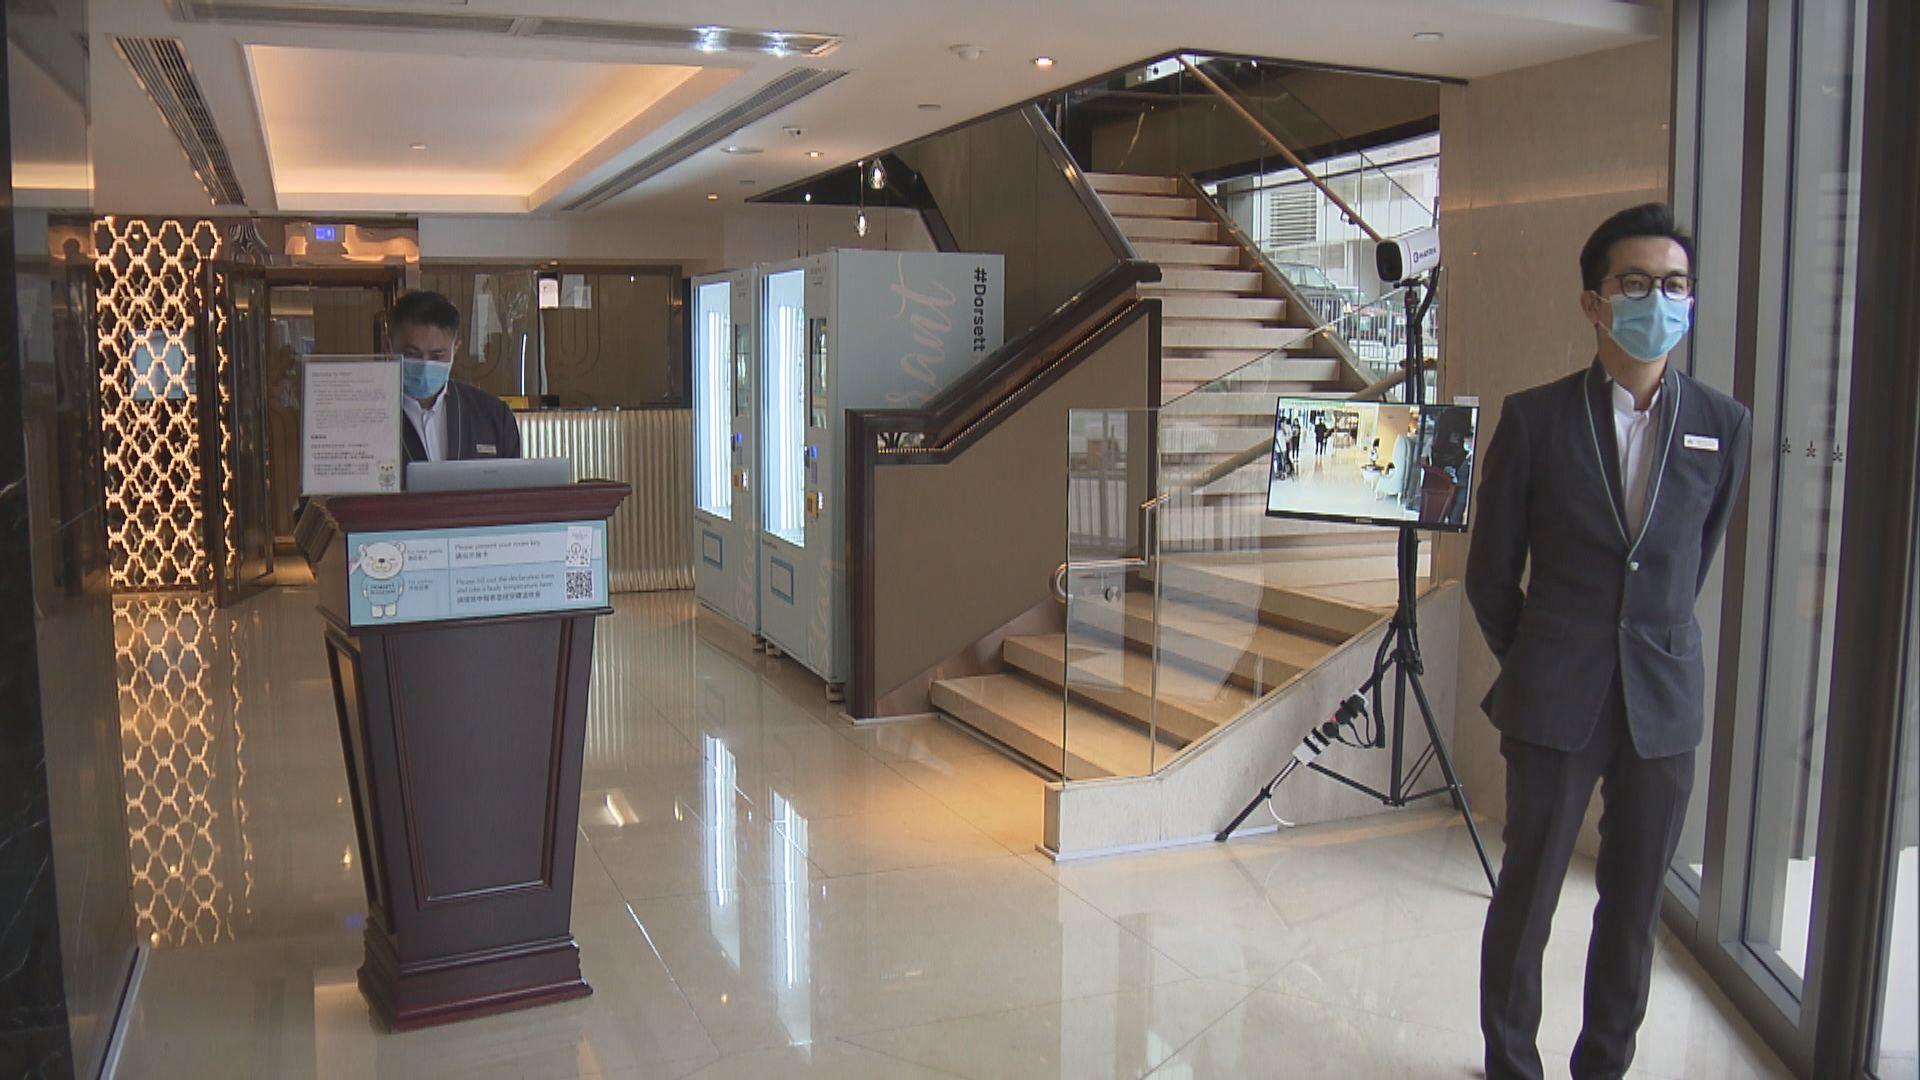 酒店檢疫人士禁接受探訪 有酒店要求訪客簽聲明確保知悉相關刑事責任